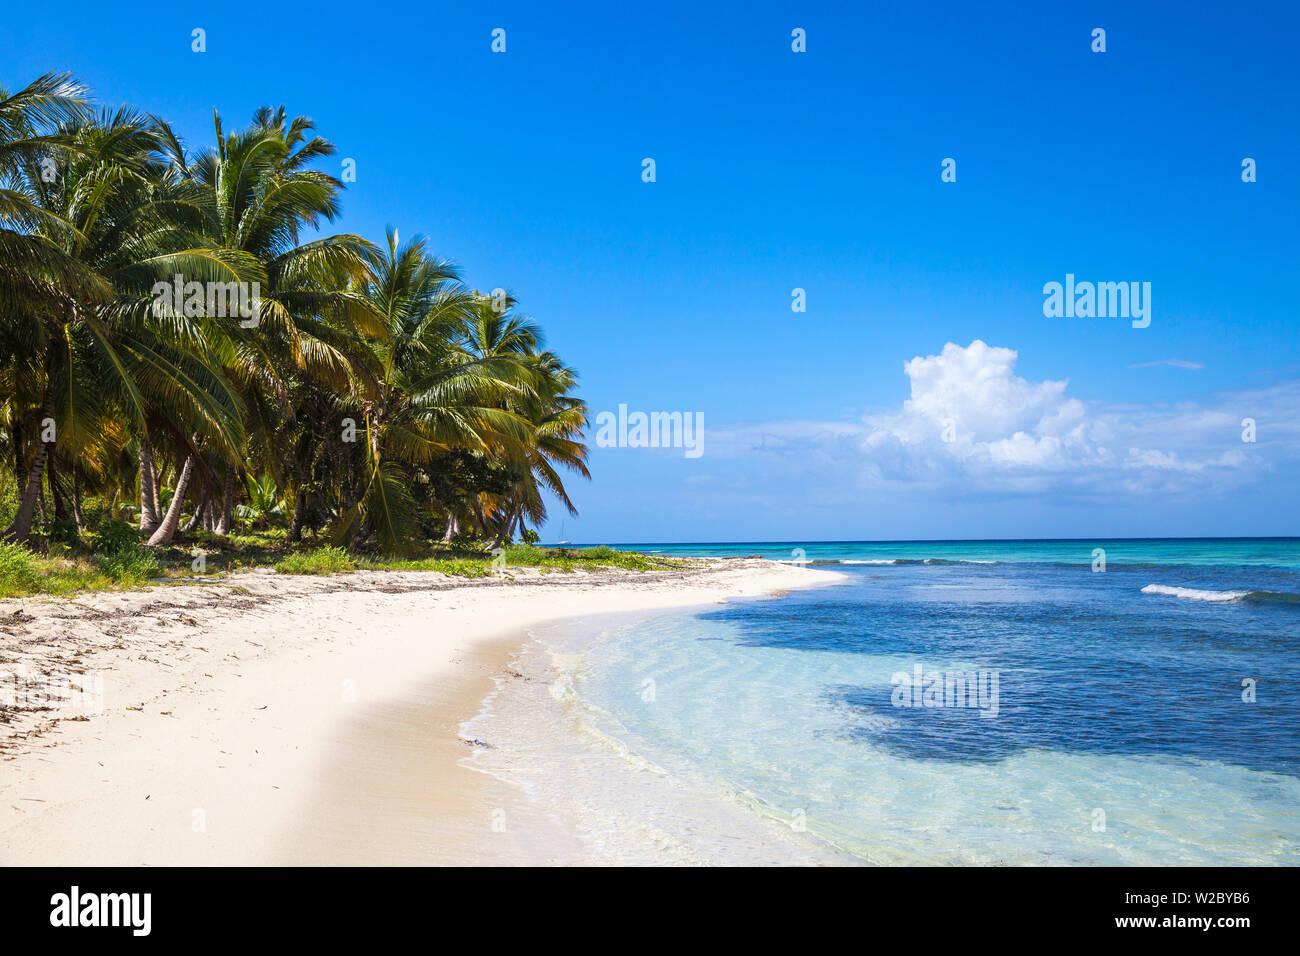 Repubblica Dominicana, Punta Cana, Parque Nacional del Este, l'isola di Saona, Catuano Beach Foto Stock